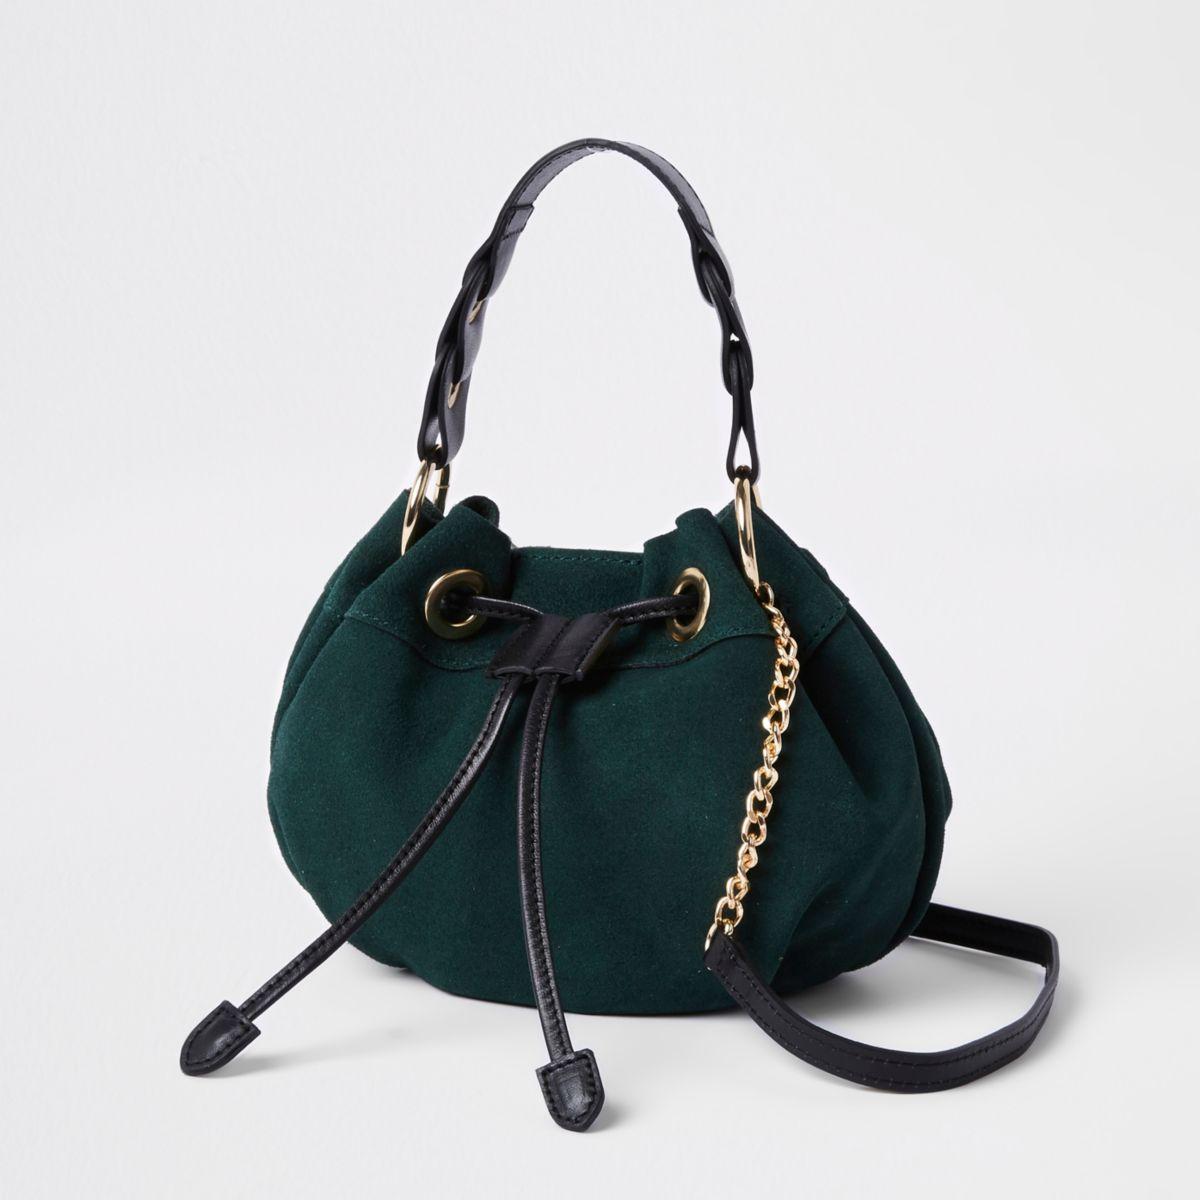 Green suede mini duffle cross body bag